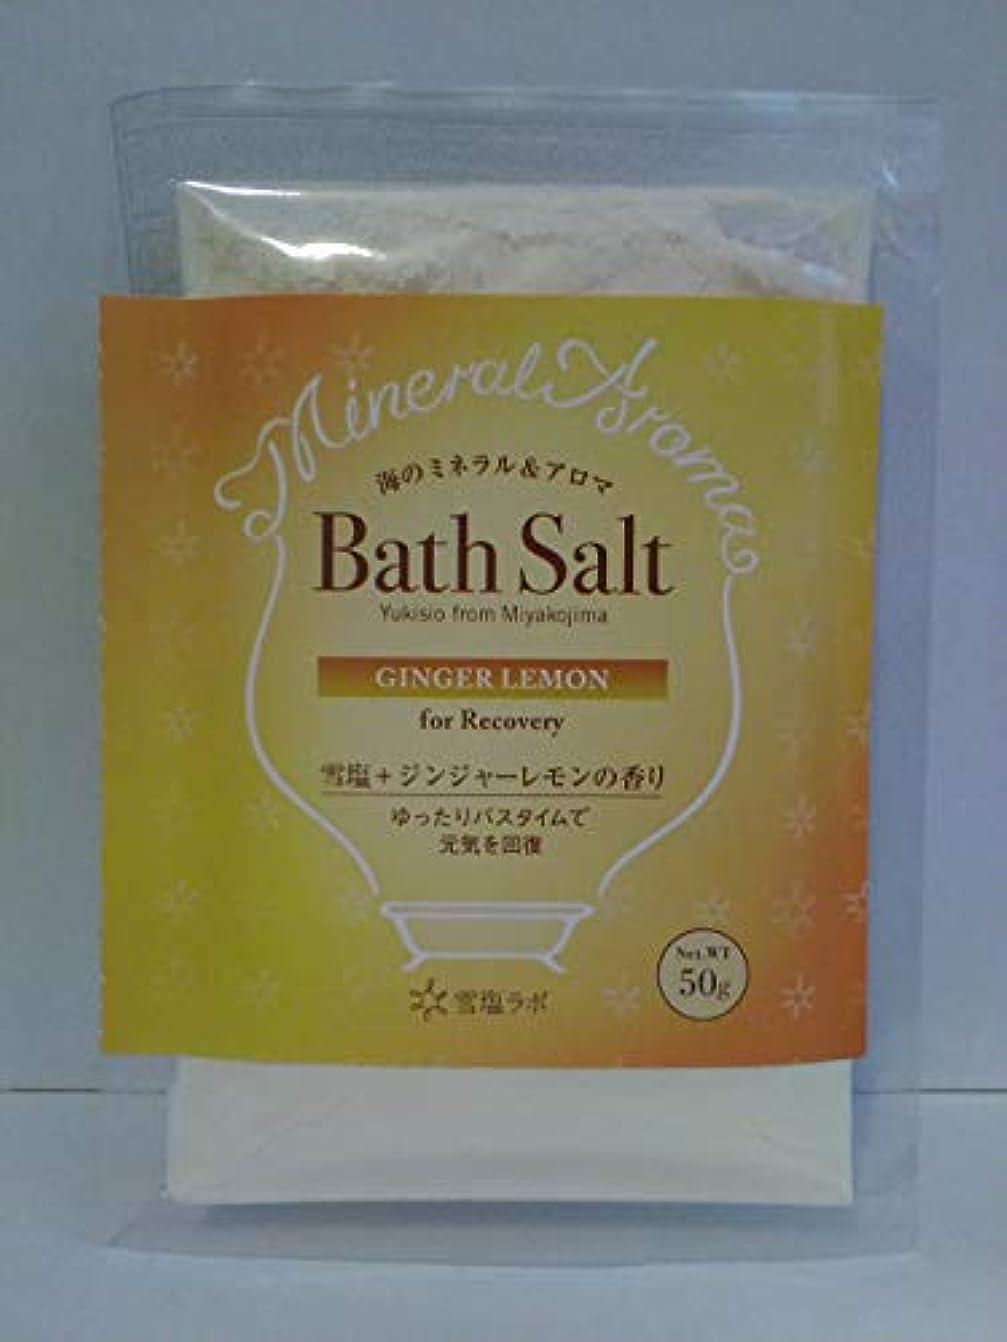 トレーニングチケット正規化海のミネラル&アロマ Bath Salt 雪塩+ジンジャーレモンの香り